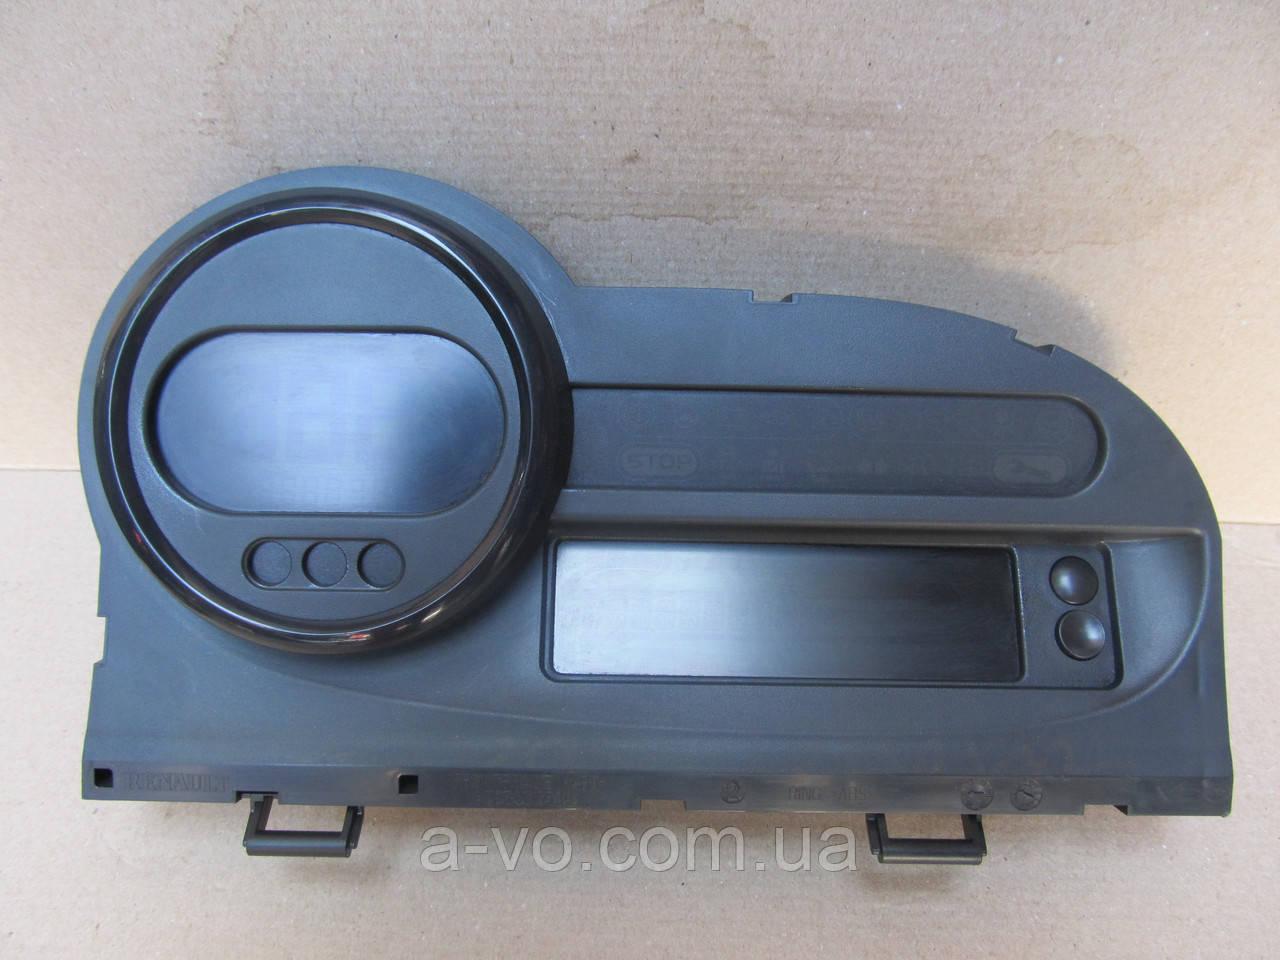 Панель приборов спидометр для Renault Twingo 2, 8201178277R, A2C53439714, 28119970-5, 280346262RA, A2C53310539